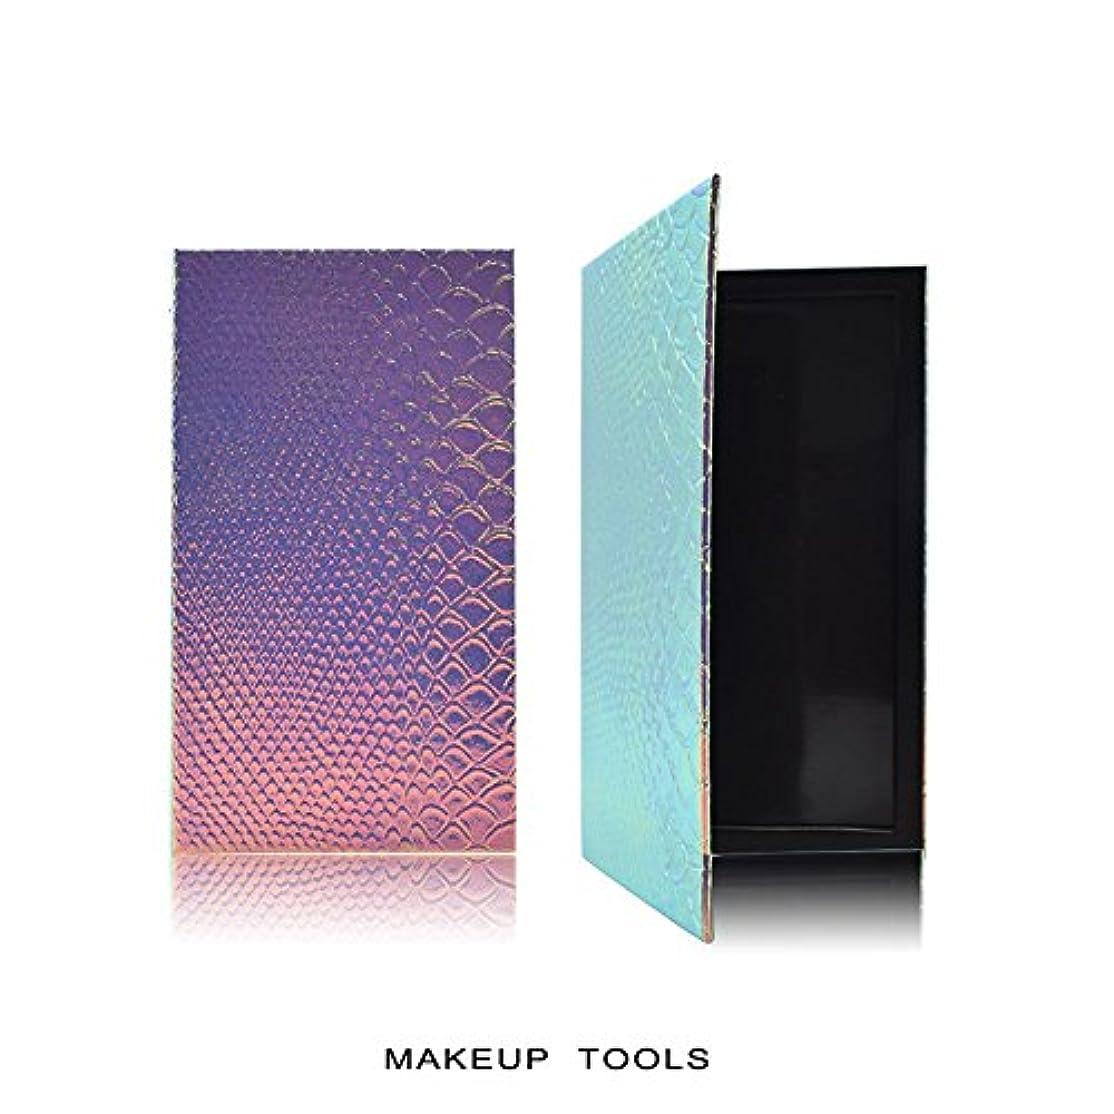 ニックネーム比類のない不定RaiFu アイシャドウ パレット 化粧 空の磁気 自作携帯型 美容 化粧品の保管ツール うろこ 18*10CM